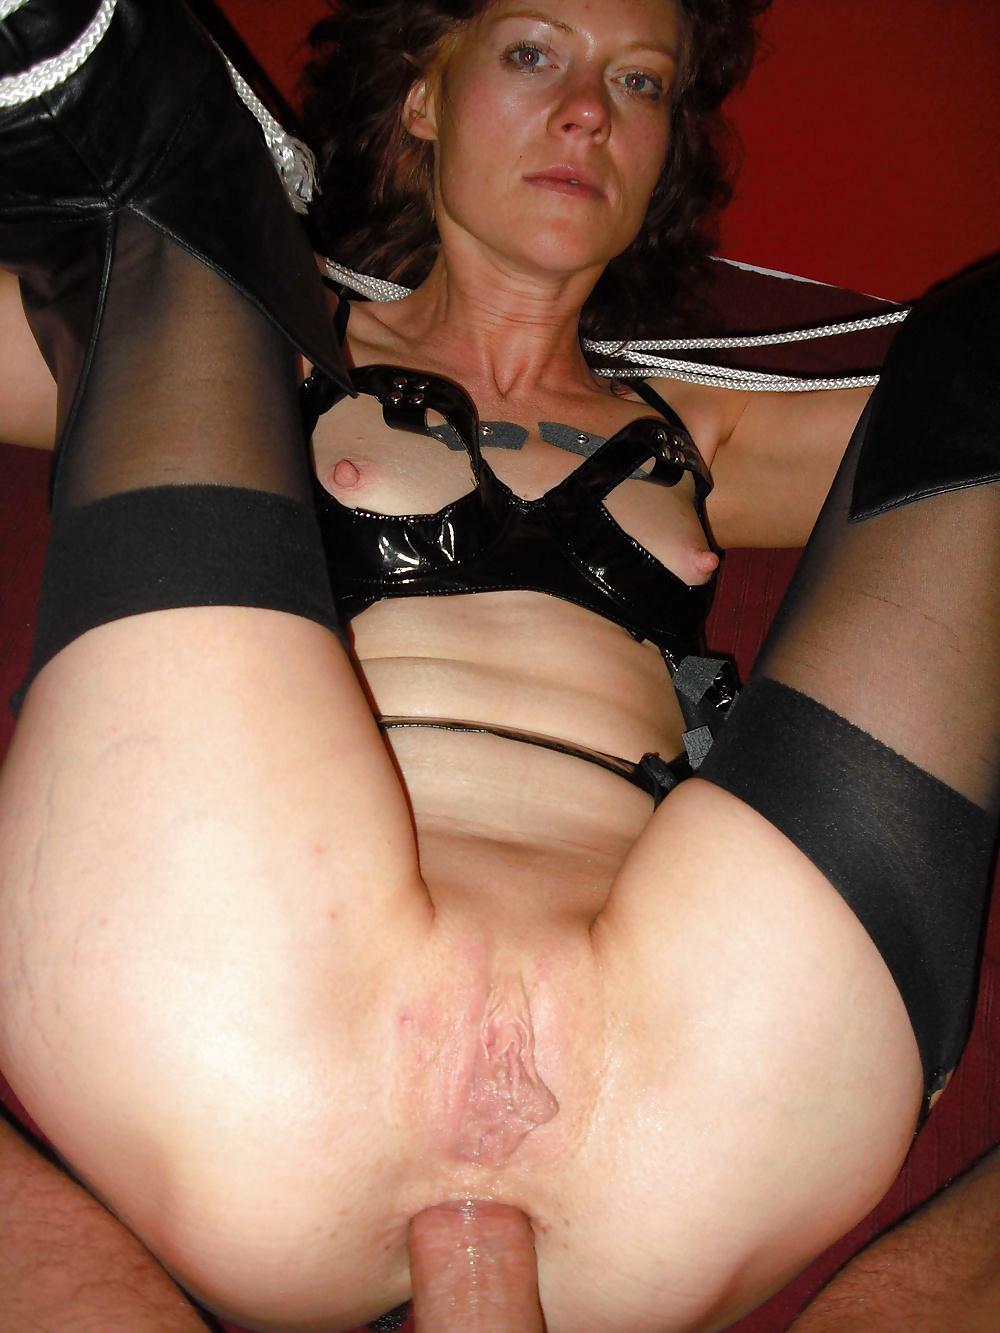 Porno mature picture